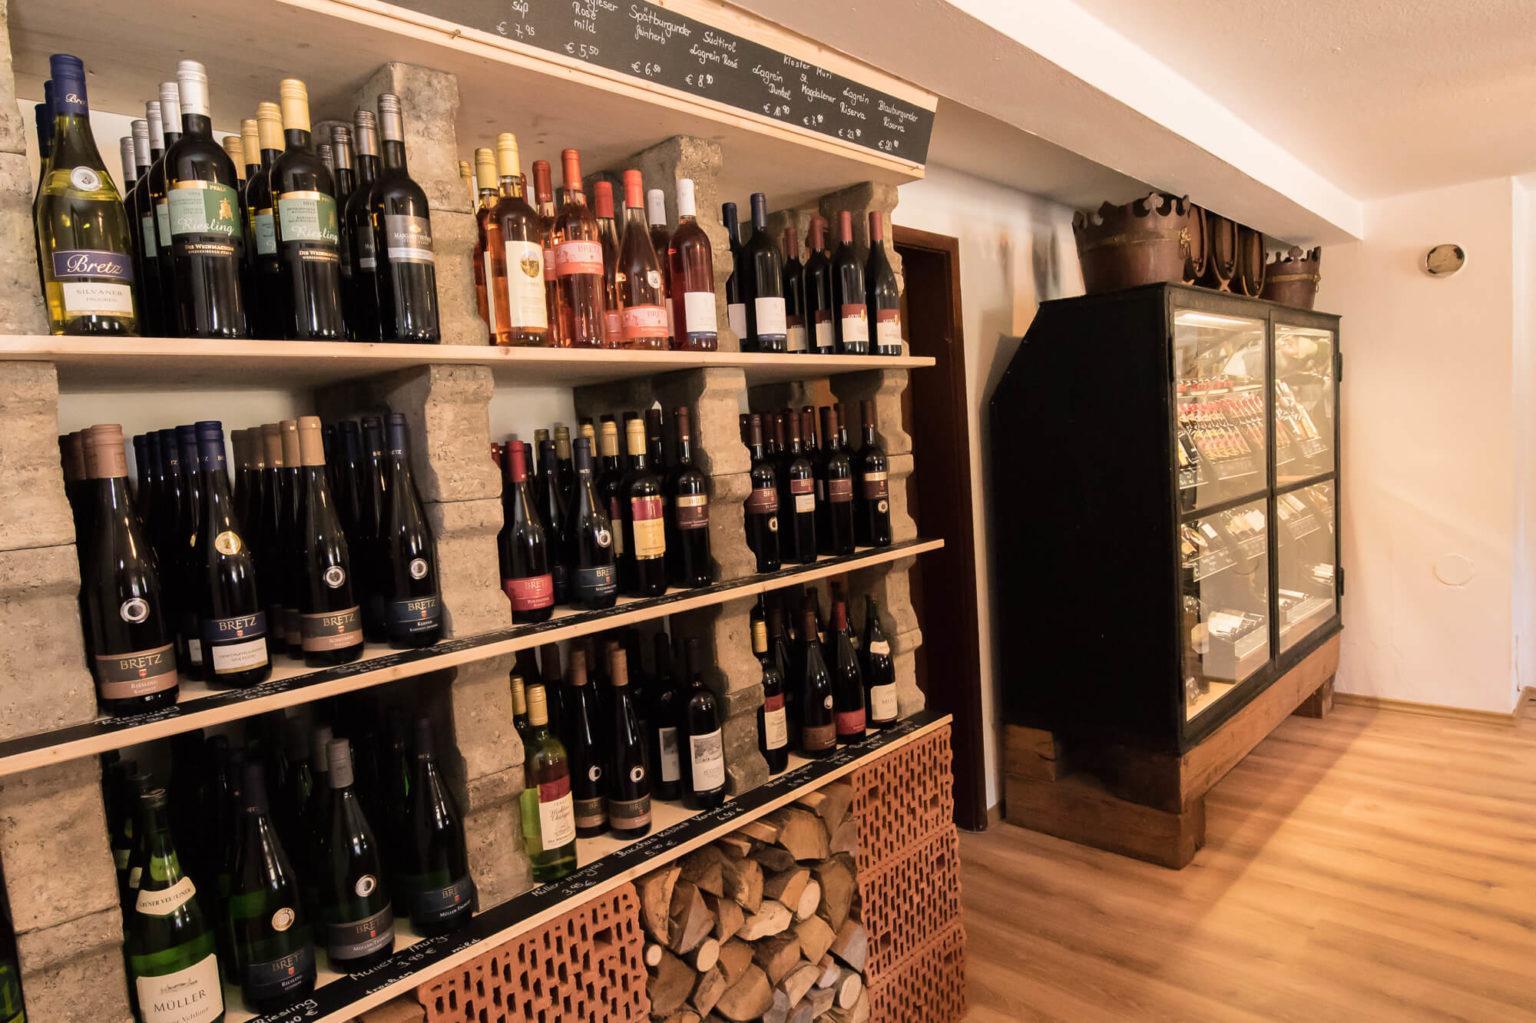 Weinsortiment im Hofladen Schnitzer